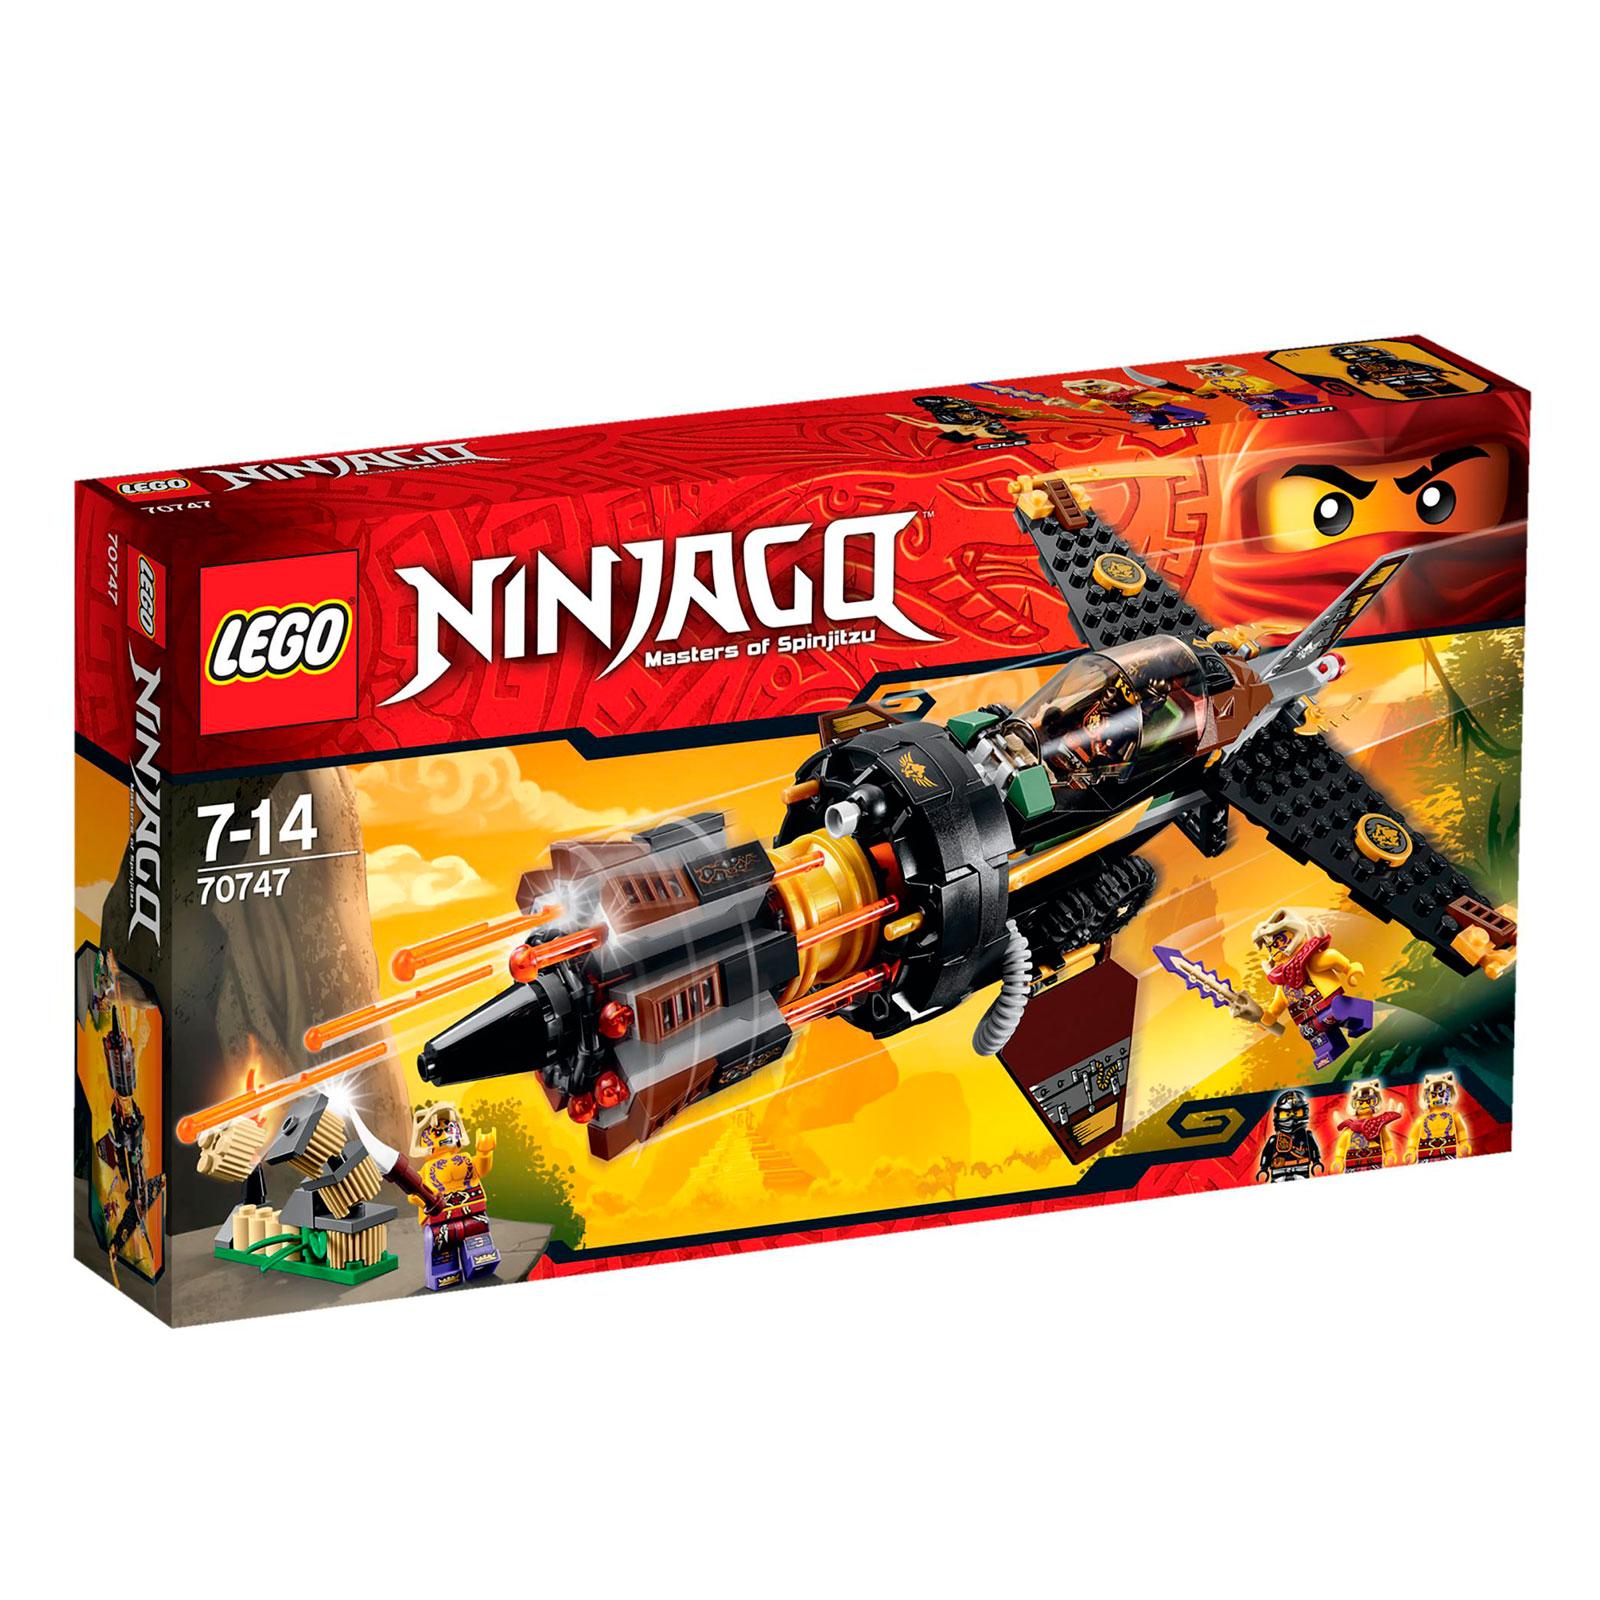 ����������� LEGO Ninjago 70747 �������������� ����������� �����